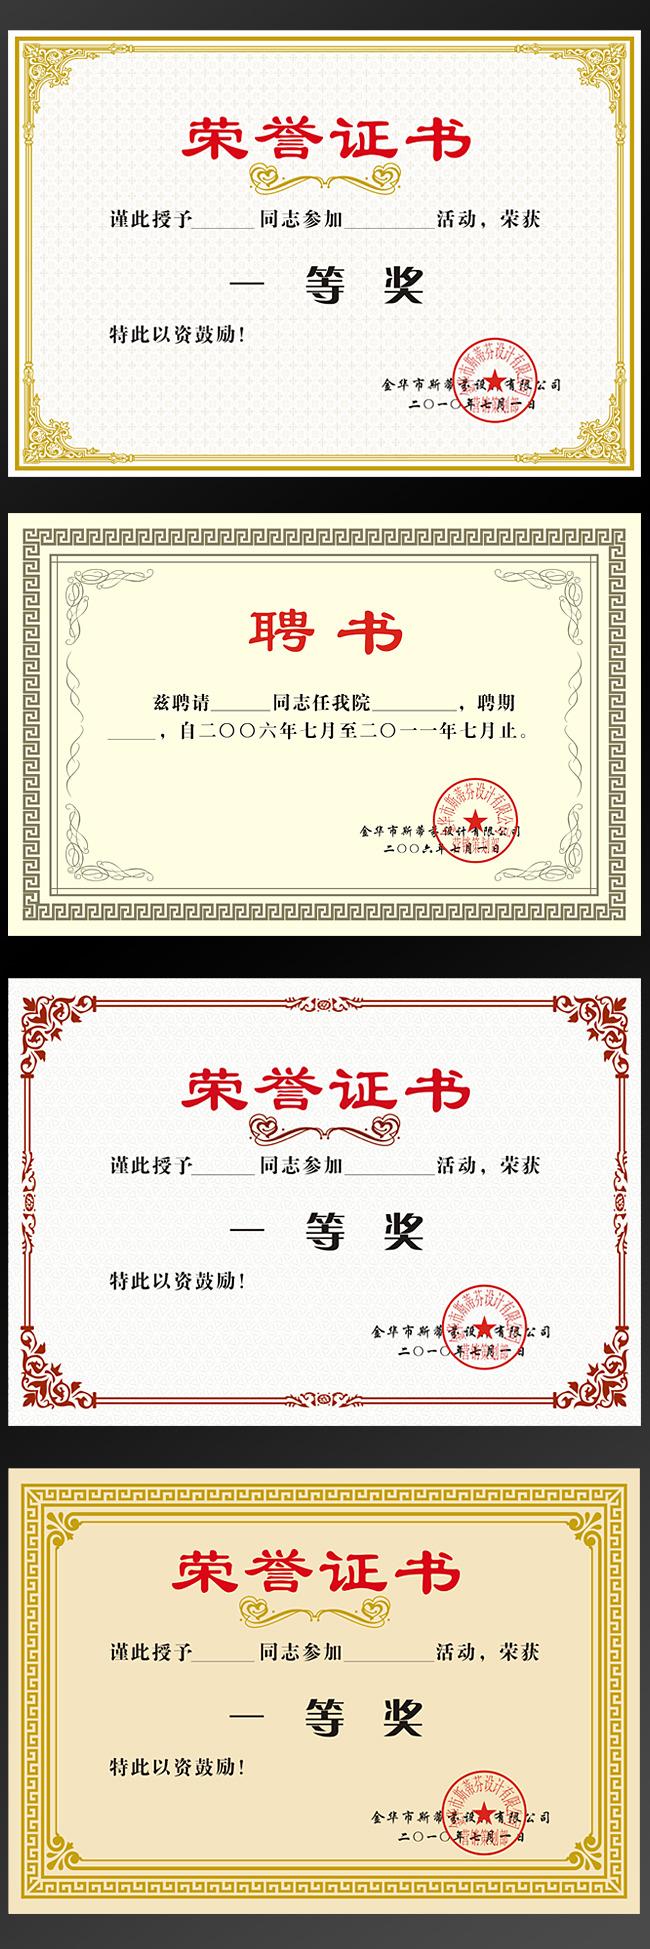 素材 模板/荣誉证书聘书下载素材模板